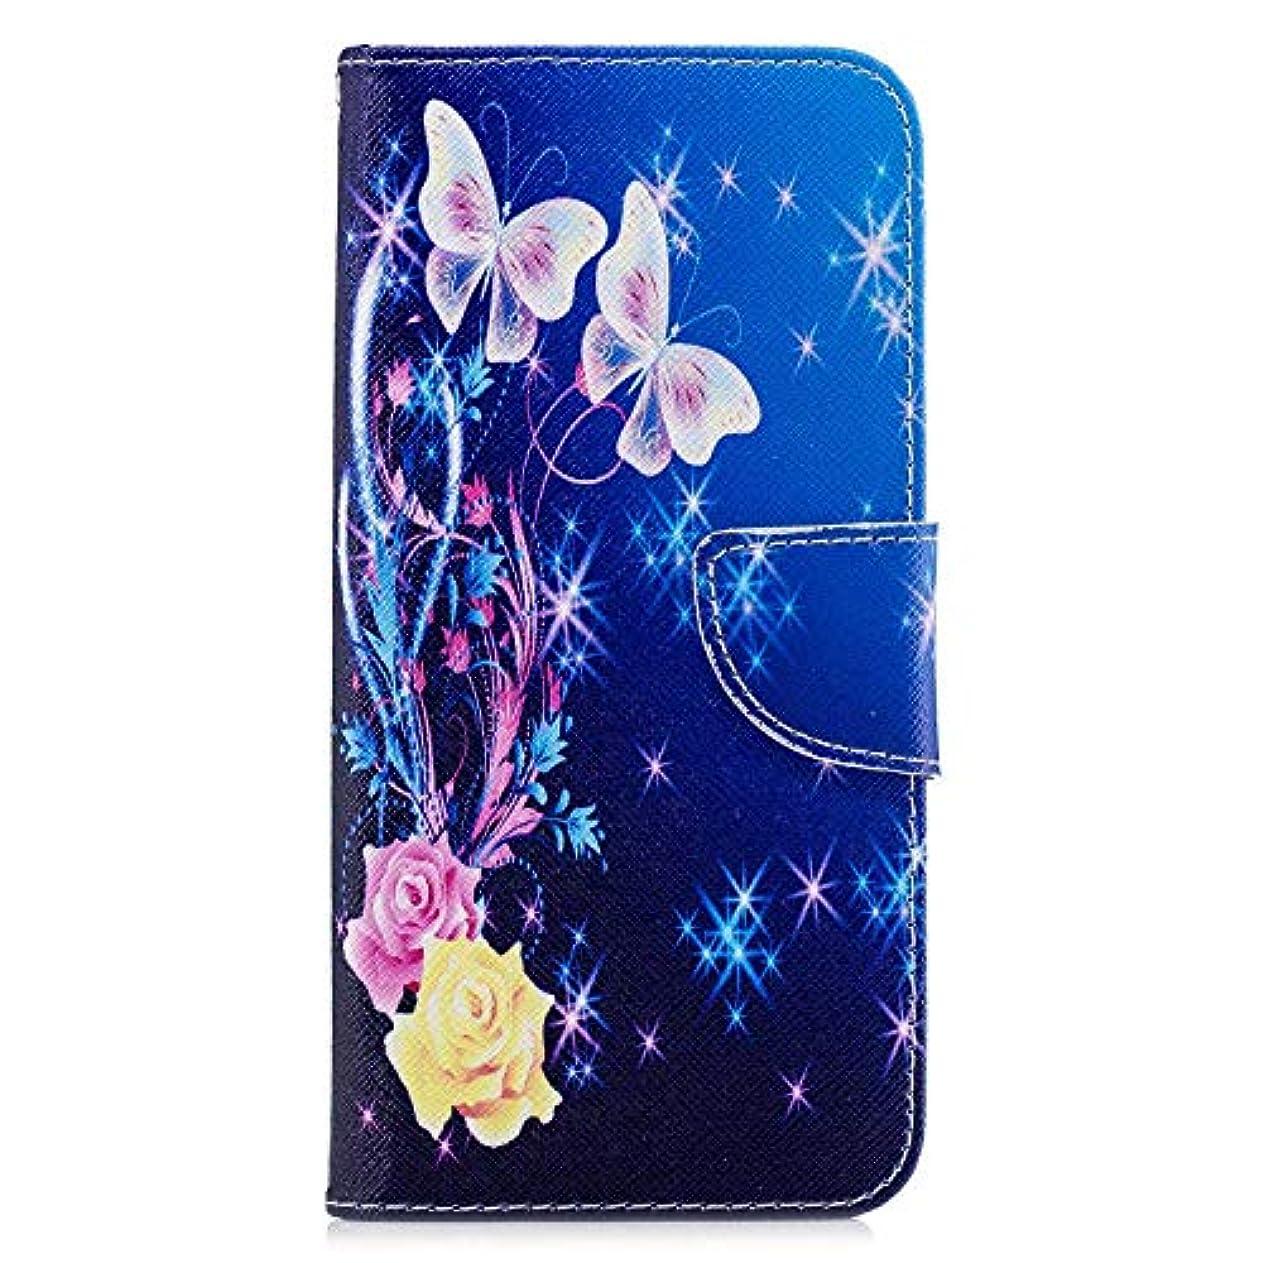 港弱める保守的OMATENTI Huawei Honor 8C ケース, ファッション人気 PUレザー 手帳 軽量 電話ケース 耐衝撃性 落下防止 薄型 スマホケースザー 付きスタンド機能, マグネット開閉式 そしてカード収納 Huawei Honor 8C 用 Case Cover, バタフライ-2